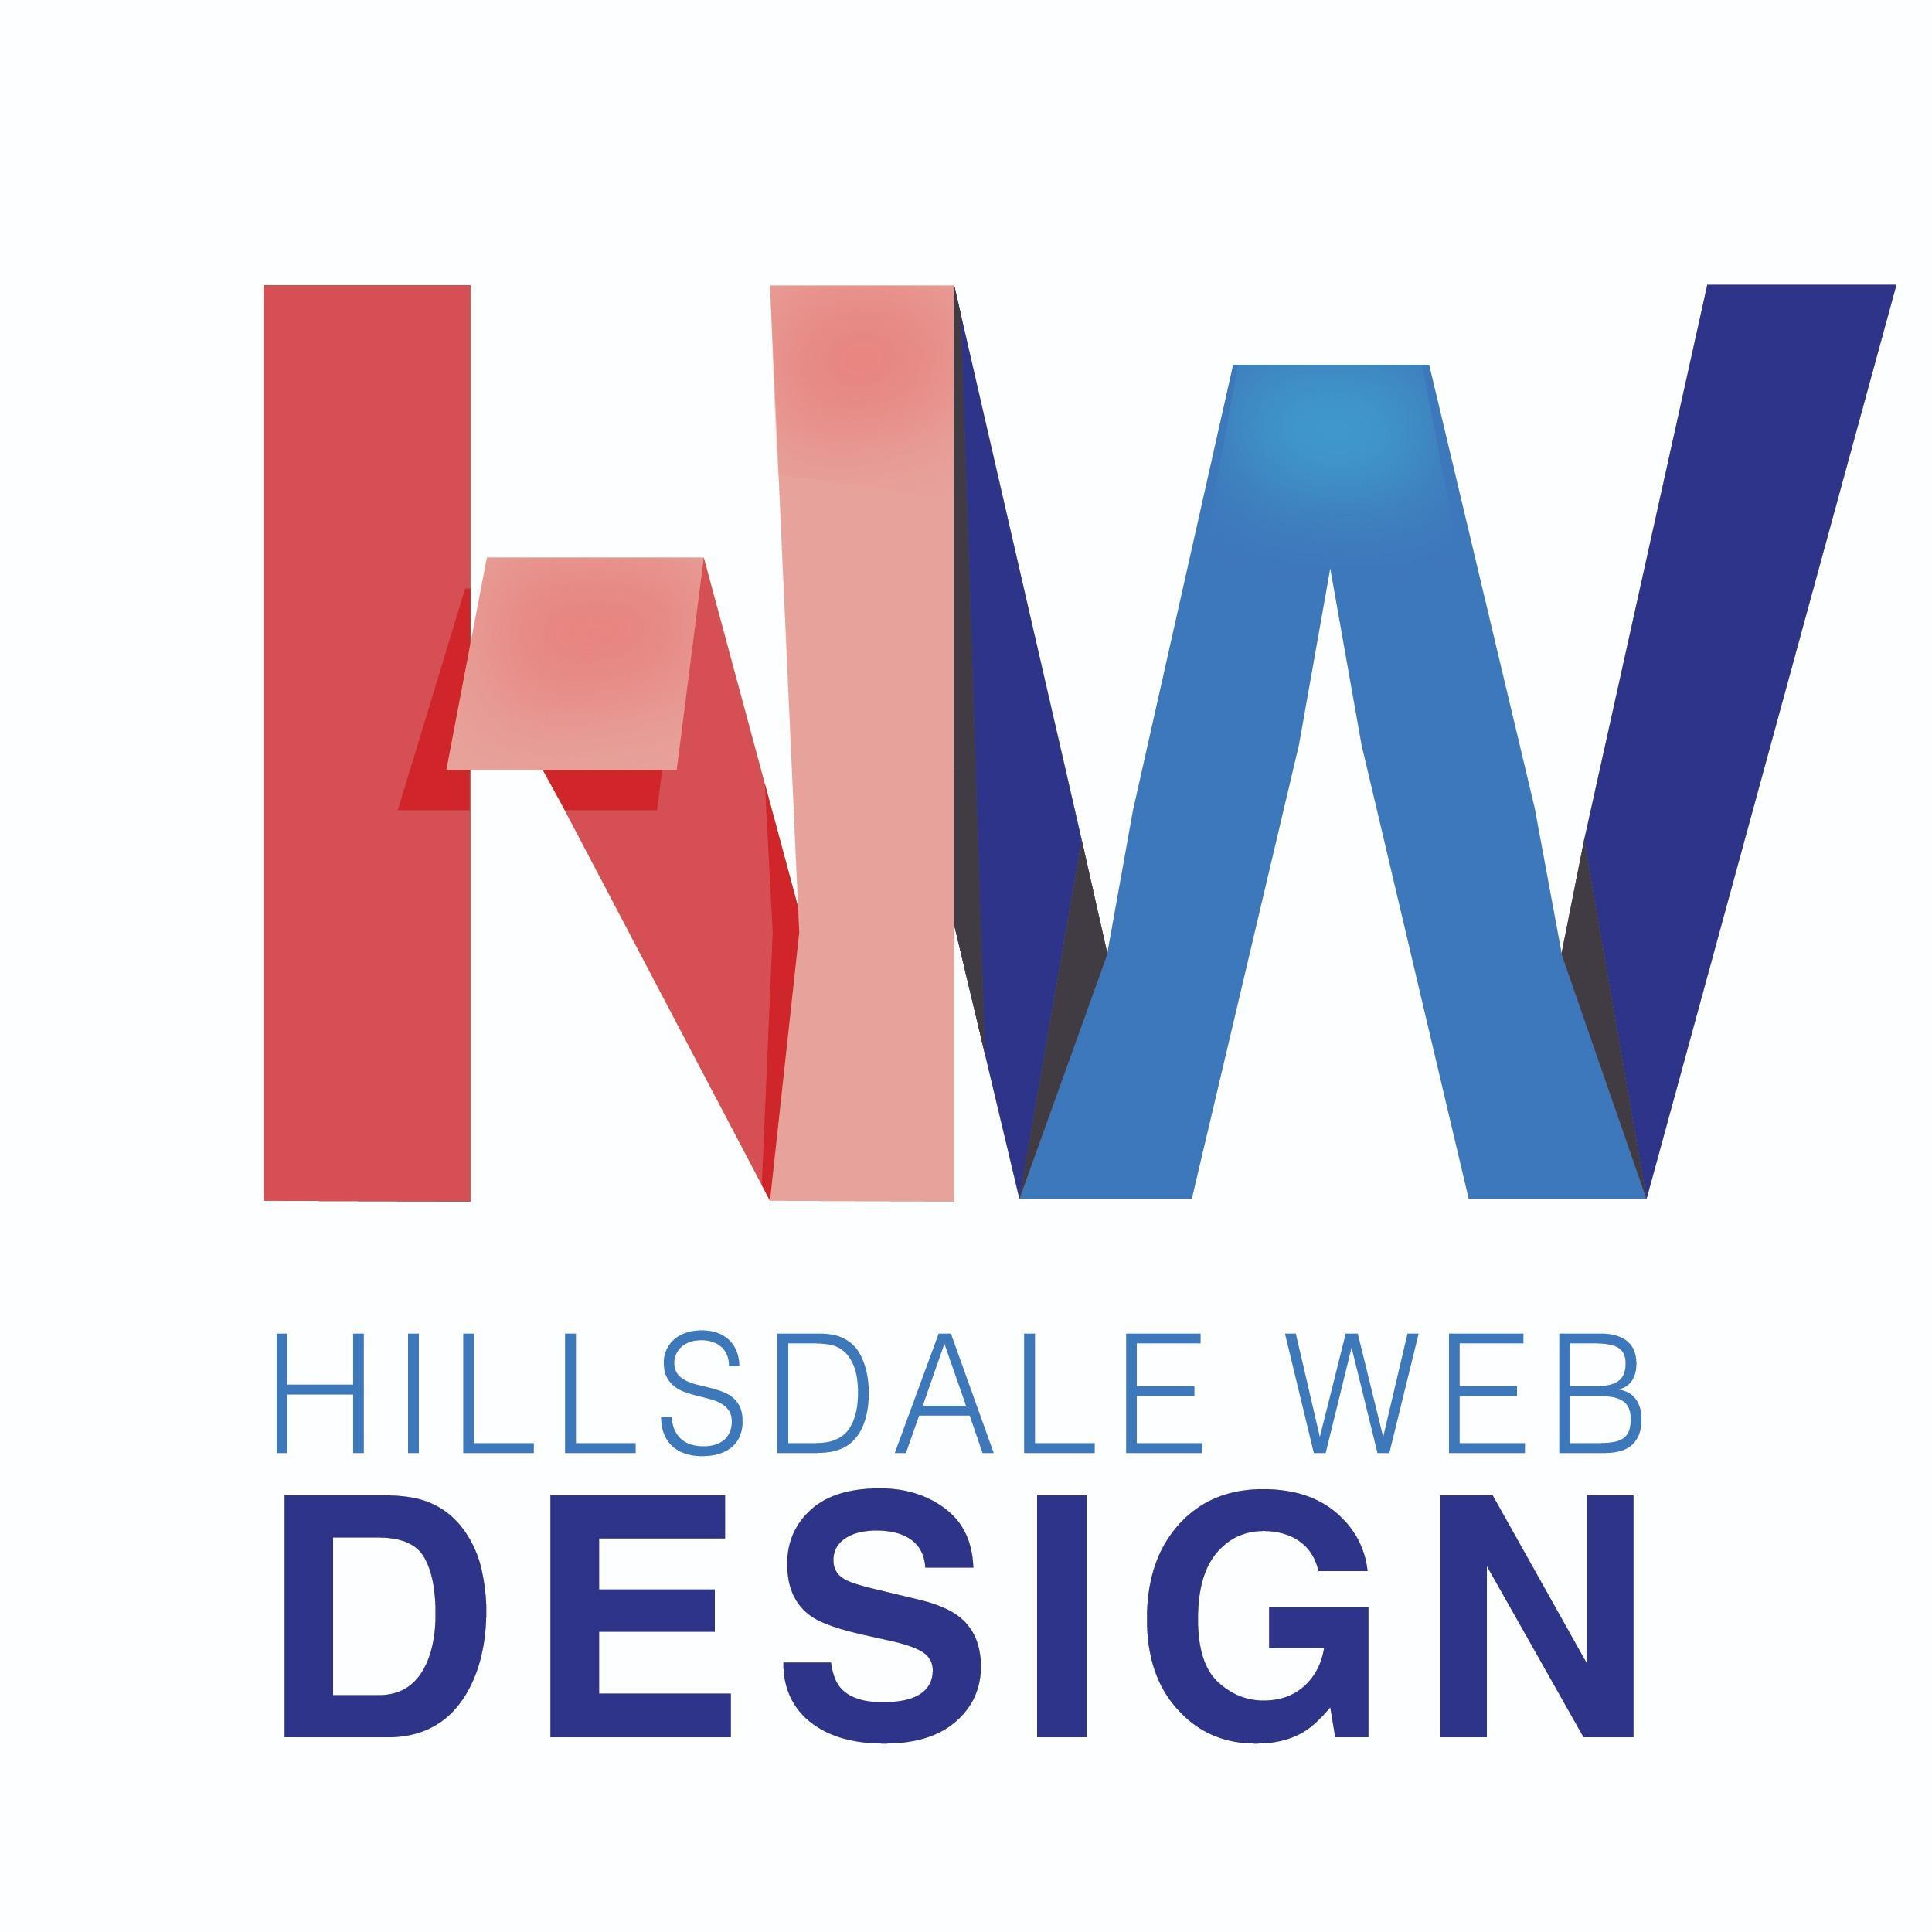 Hillsdale Web Design